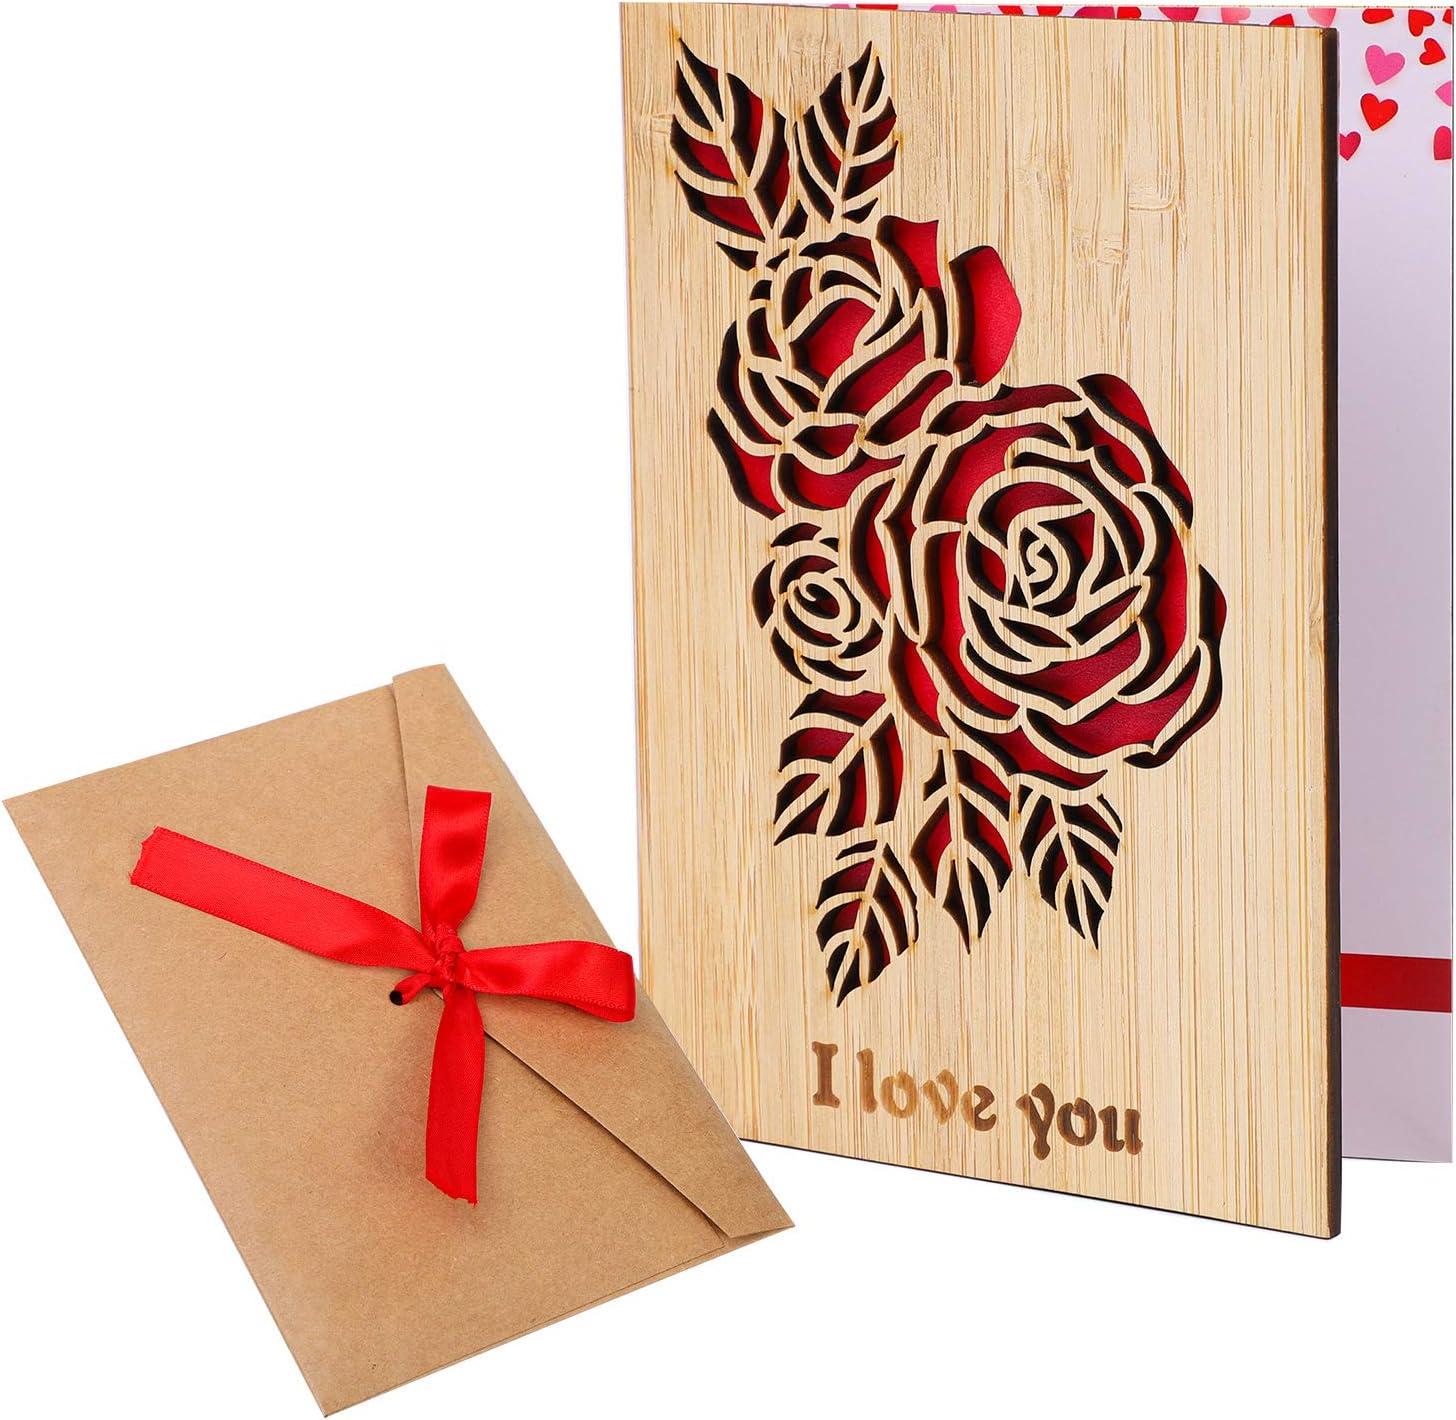 Cooraby - Tarjeta de felicitación de madera de bambú con sobre, idea de regalo, tarjeta de madera de bambú para el día de San Valentín, el día de la madre u otra ocasión